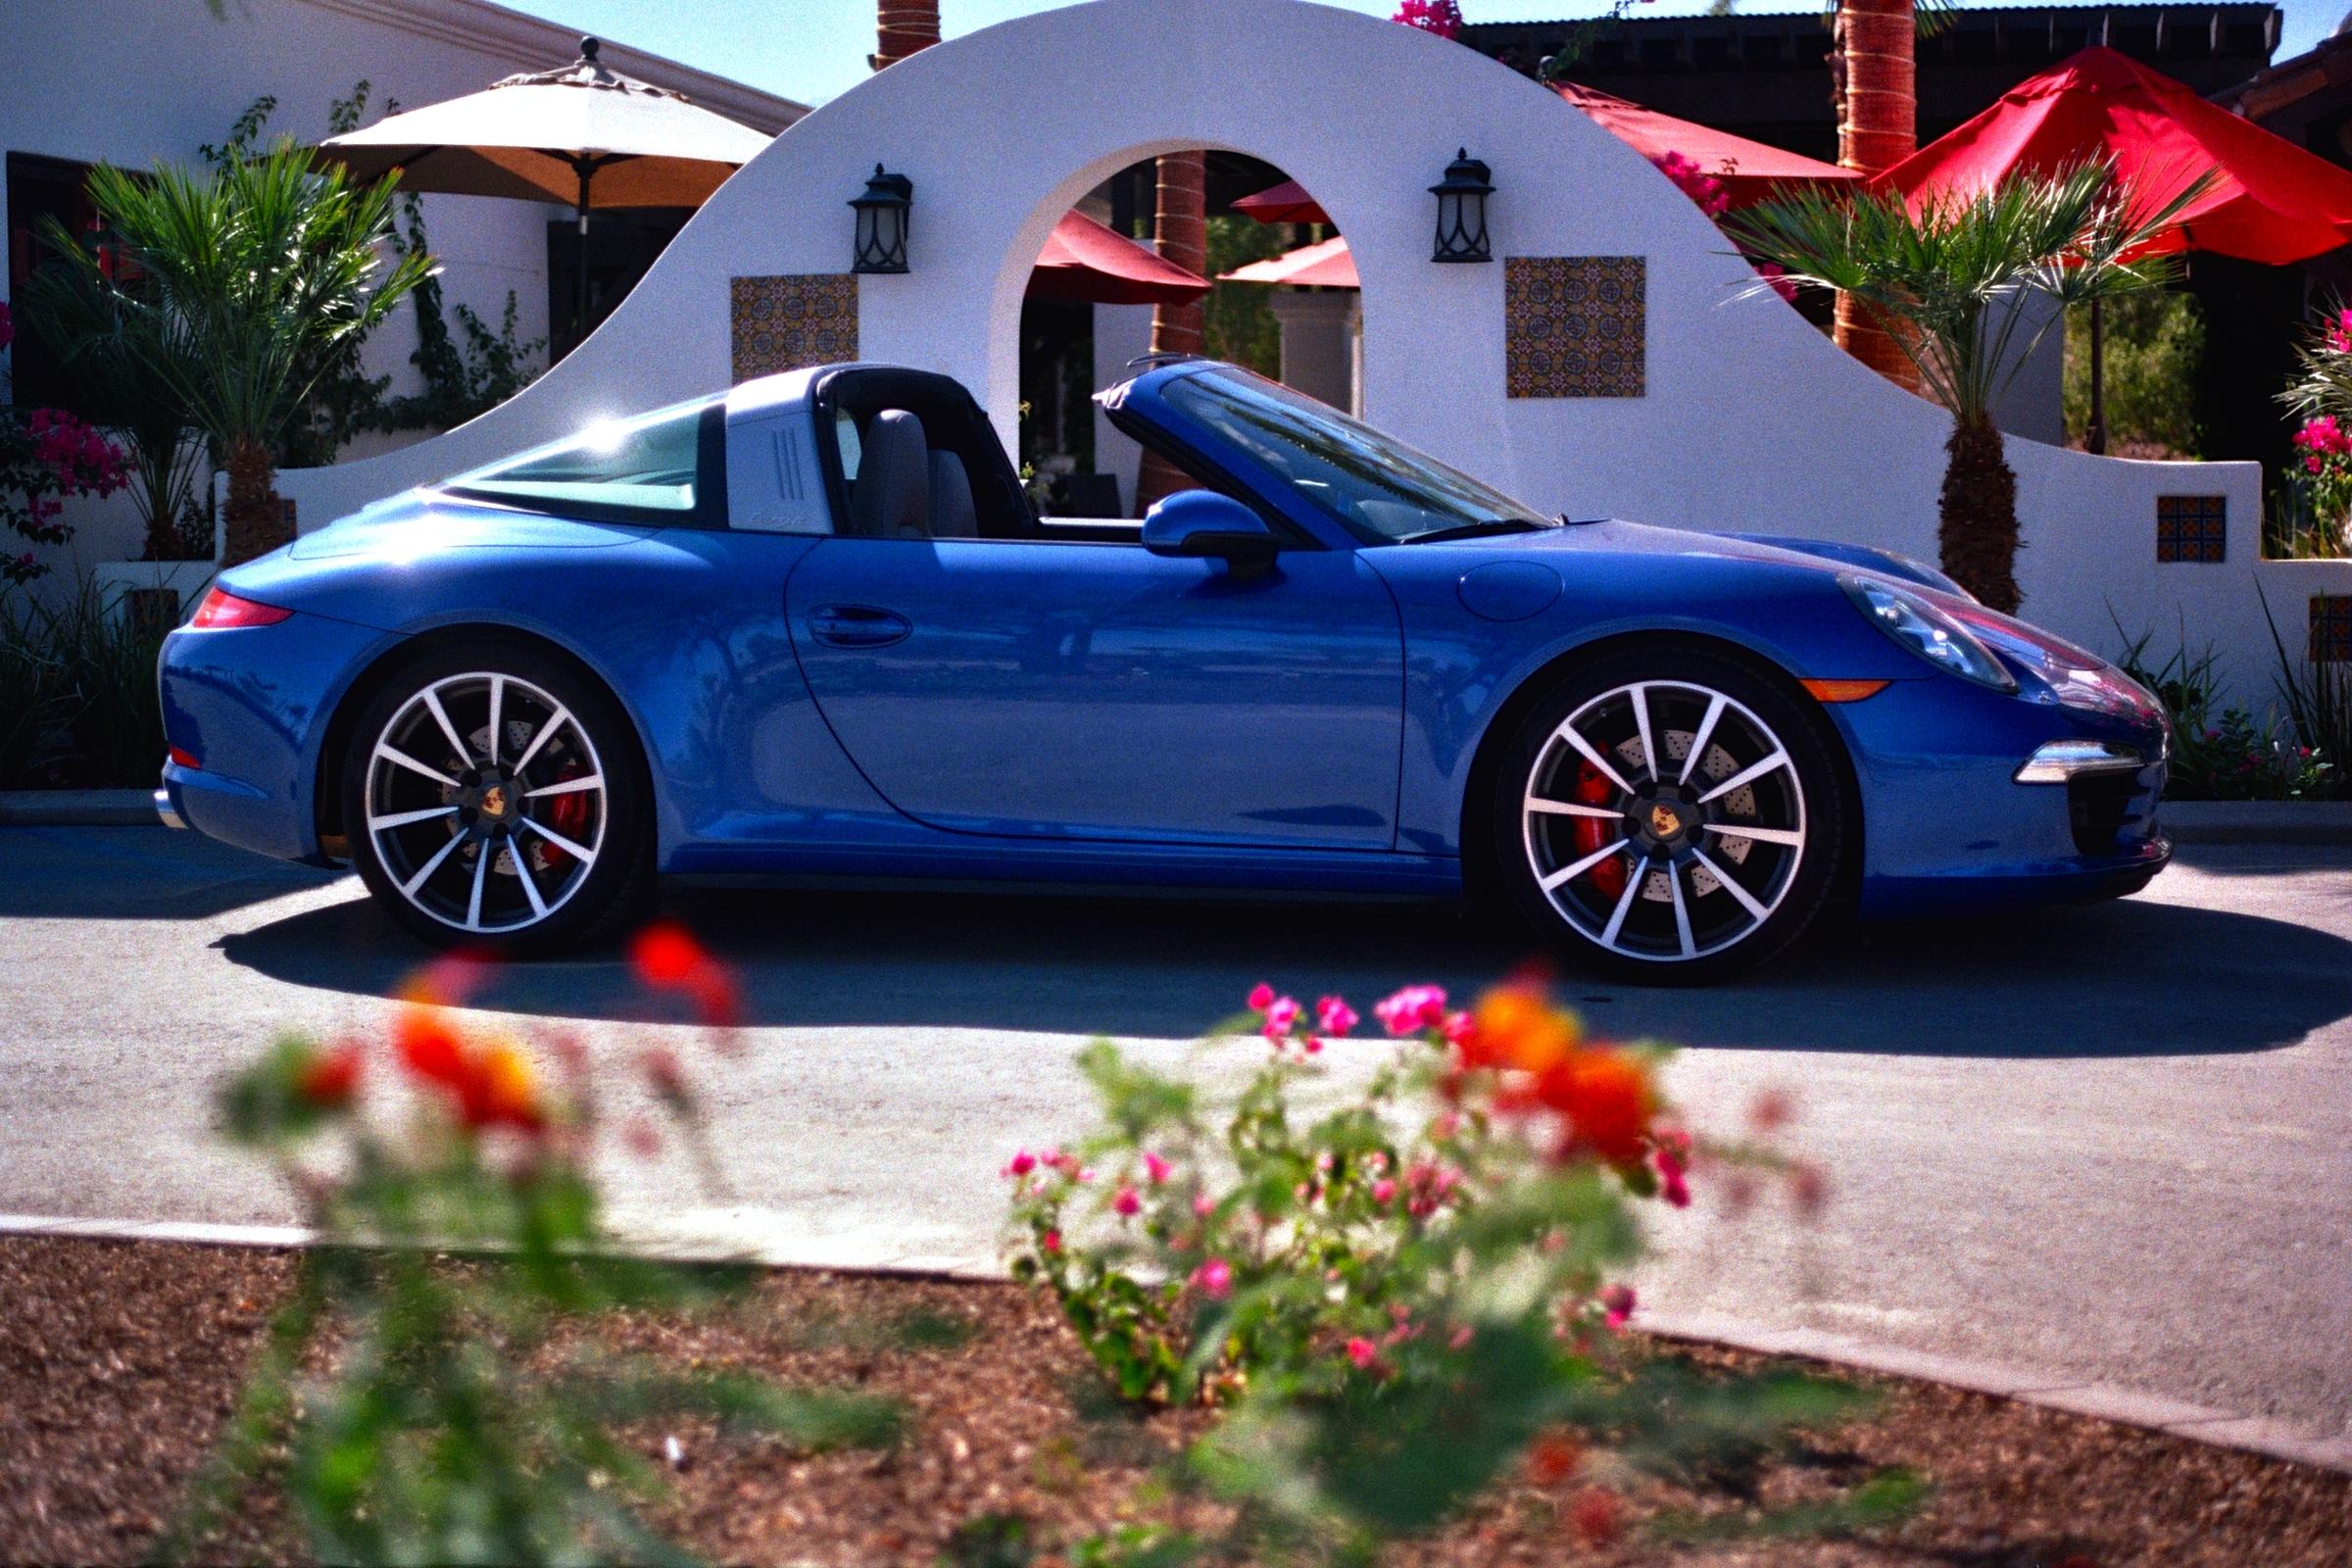 Porsche 911 Targa 4s The Beauty S A Beast Fortune